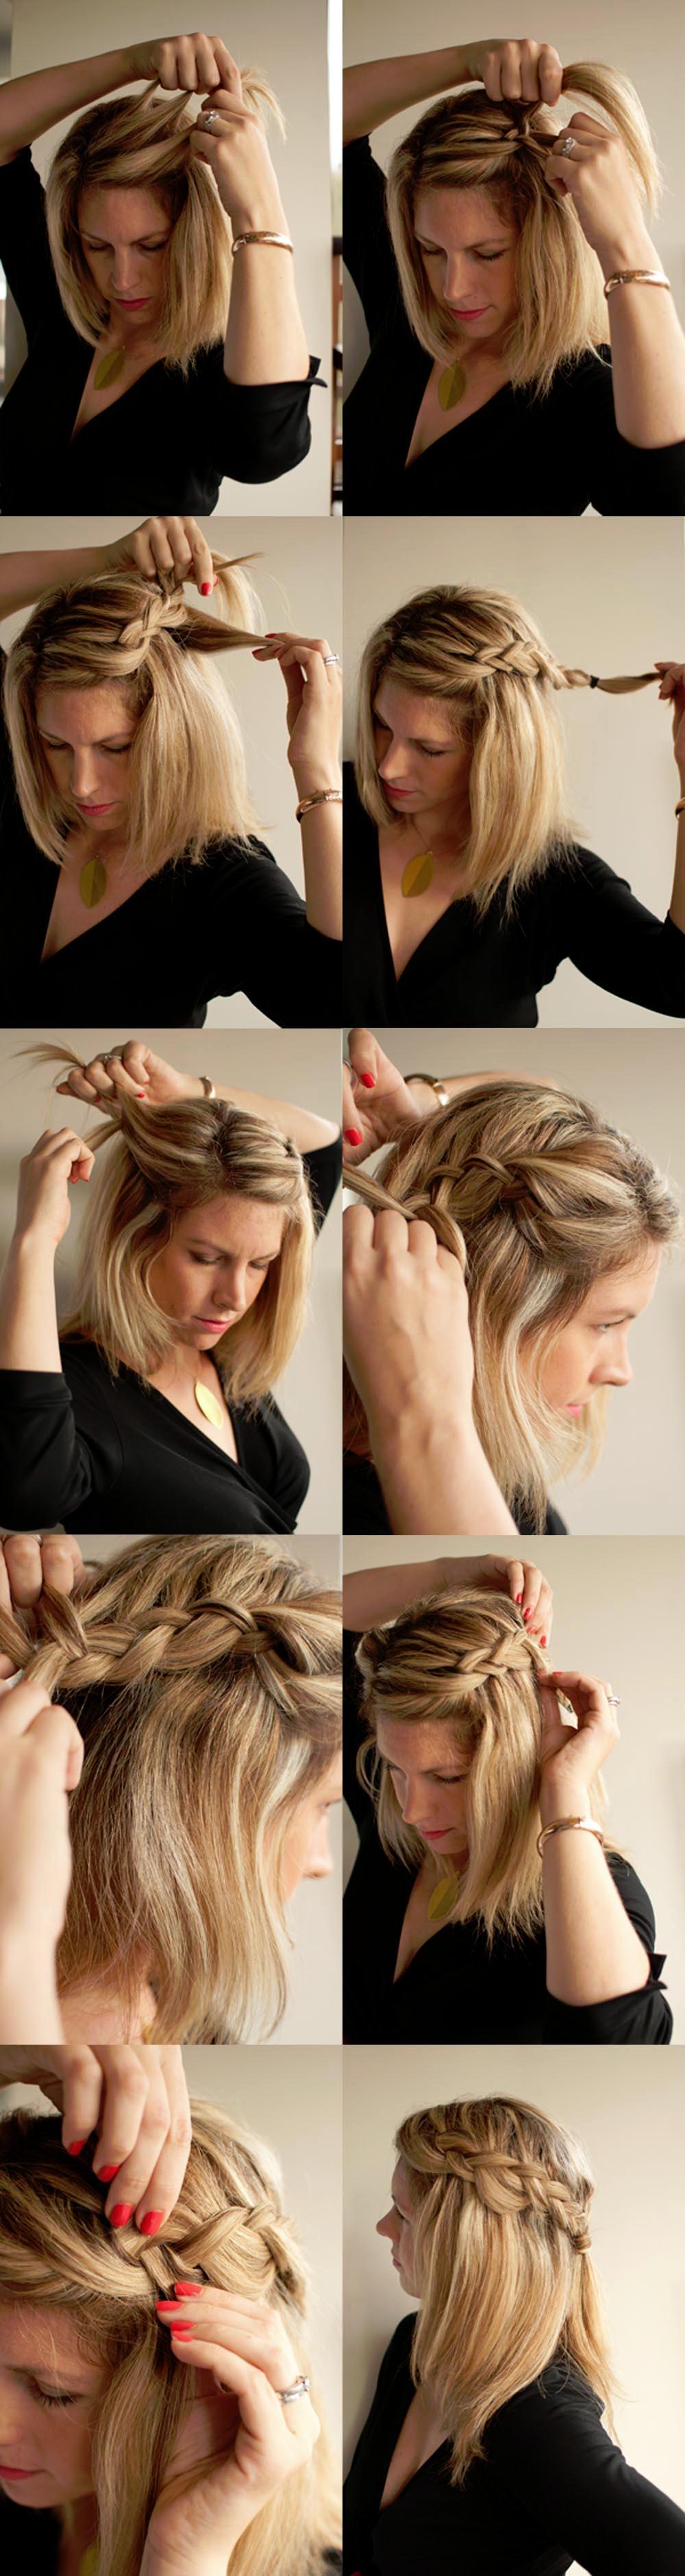 Быстрые и красивые прически на среднюю длину волос